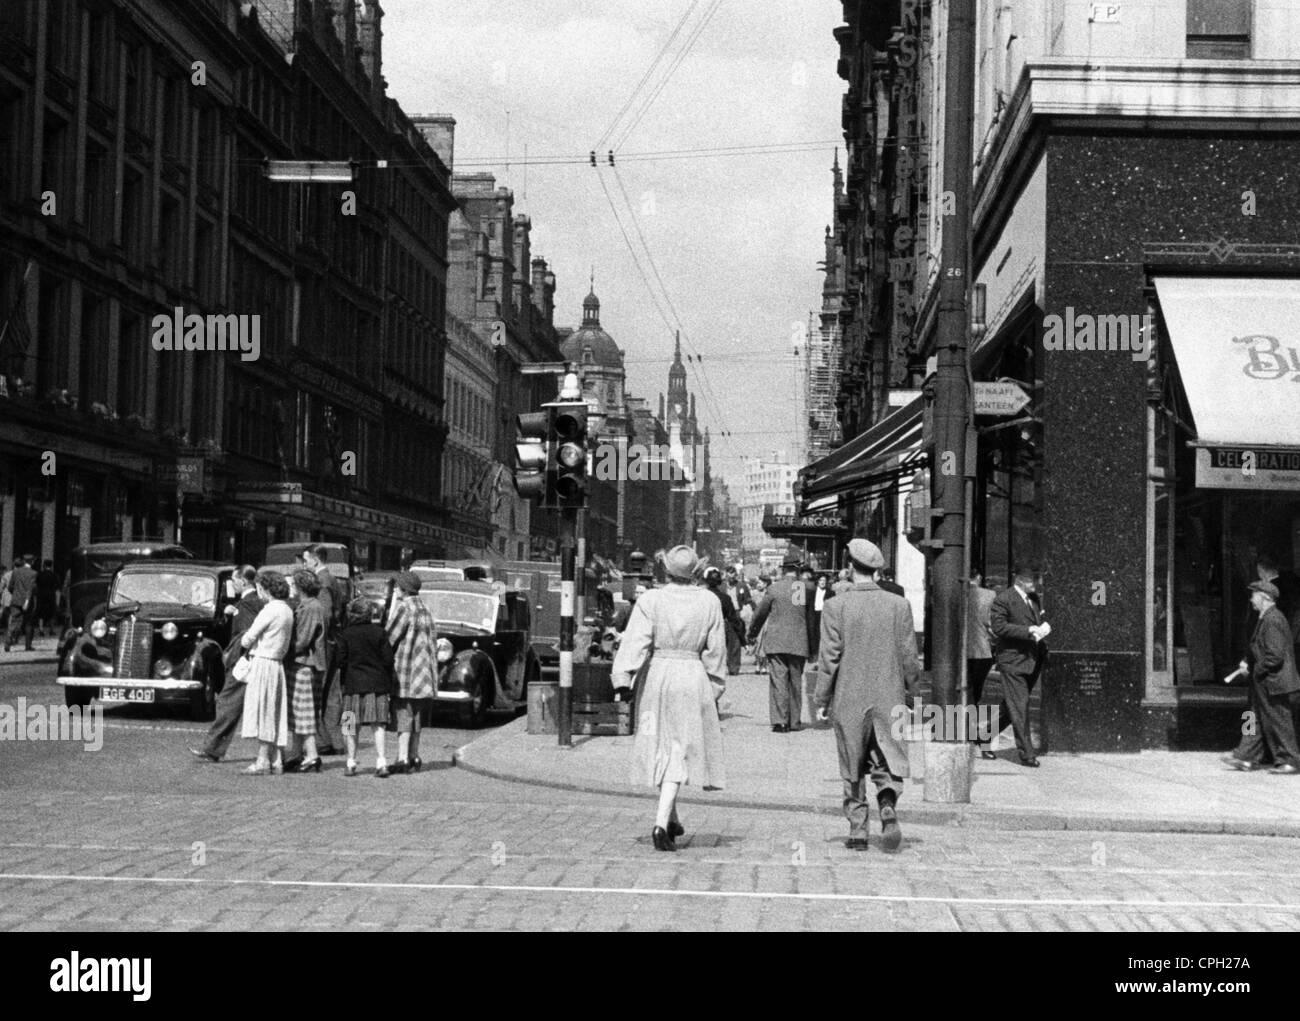 Geographie/Reisen, Großbritannien, Glasgow, Straßenszenen, Buchanan Street, ca. 1950 40s, 40s, 50s, 50s, Stockbild